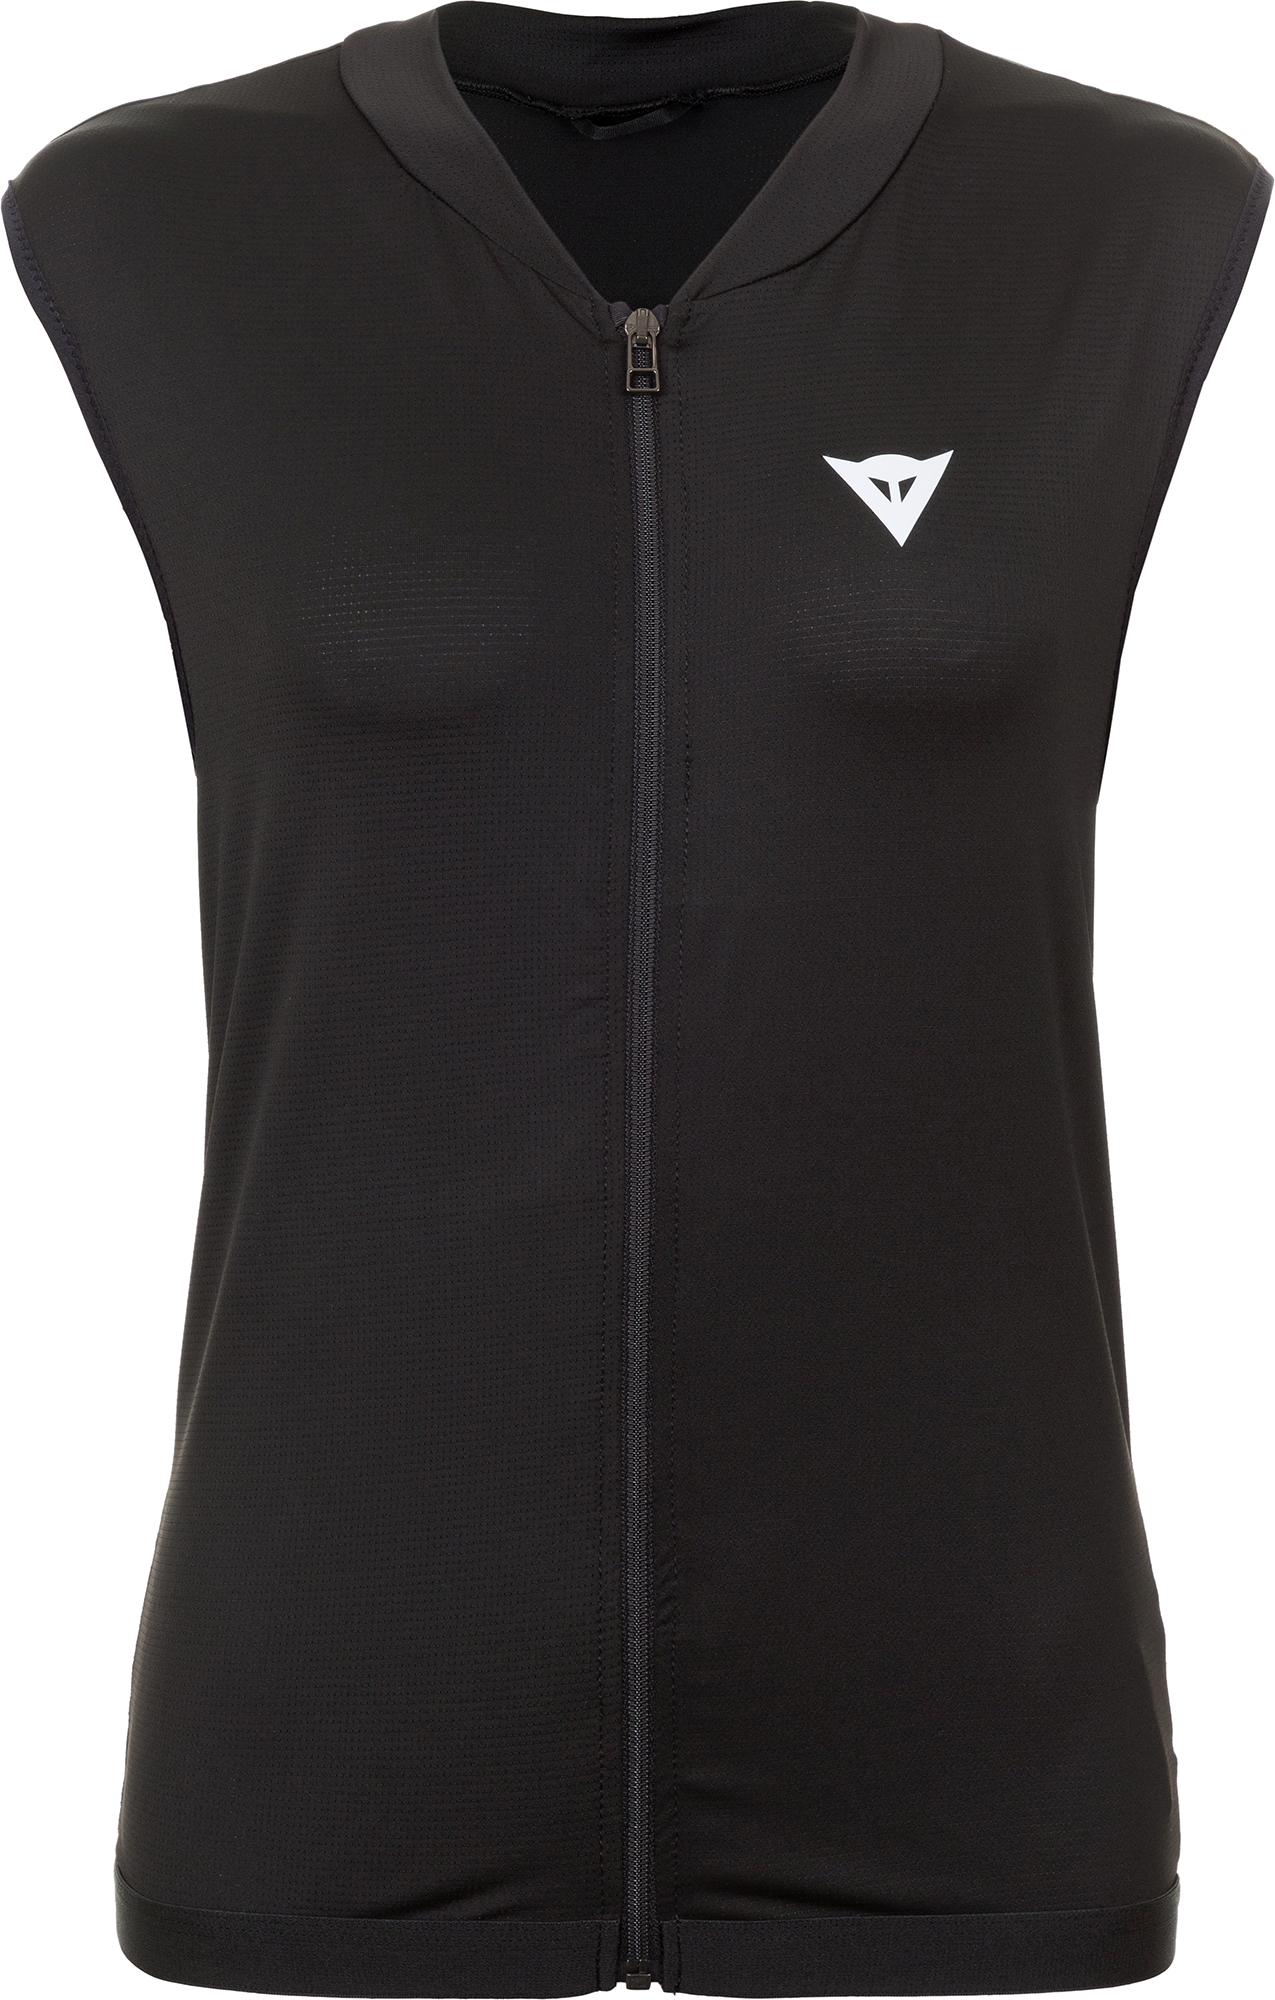 купить Dainese Жилет защитный Dainese Flexagon Waistcoat Lite по цене 8299 рублей